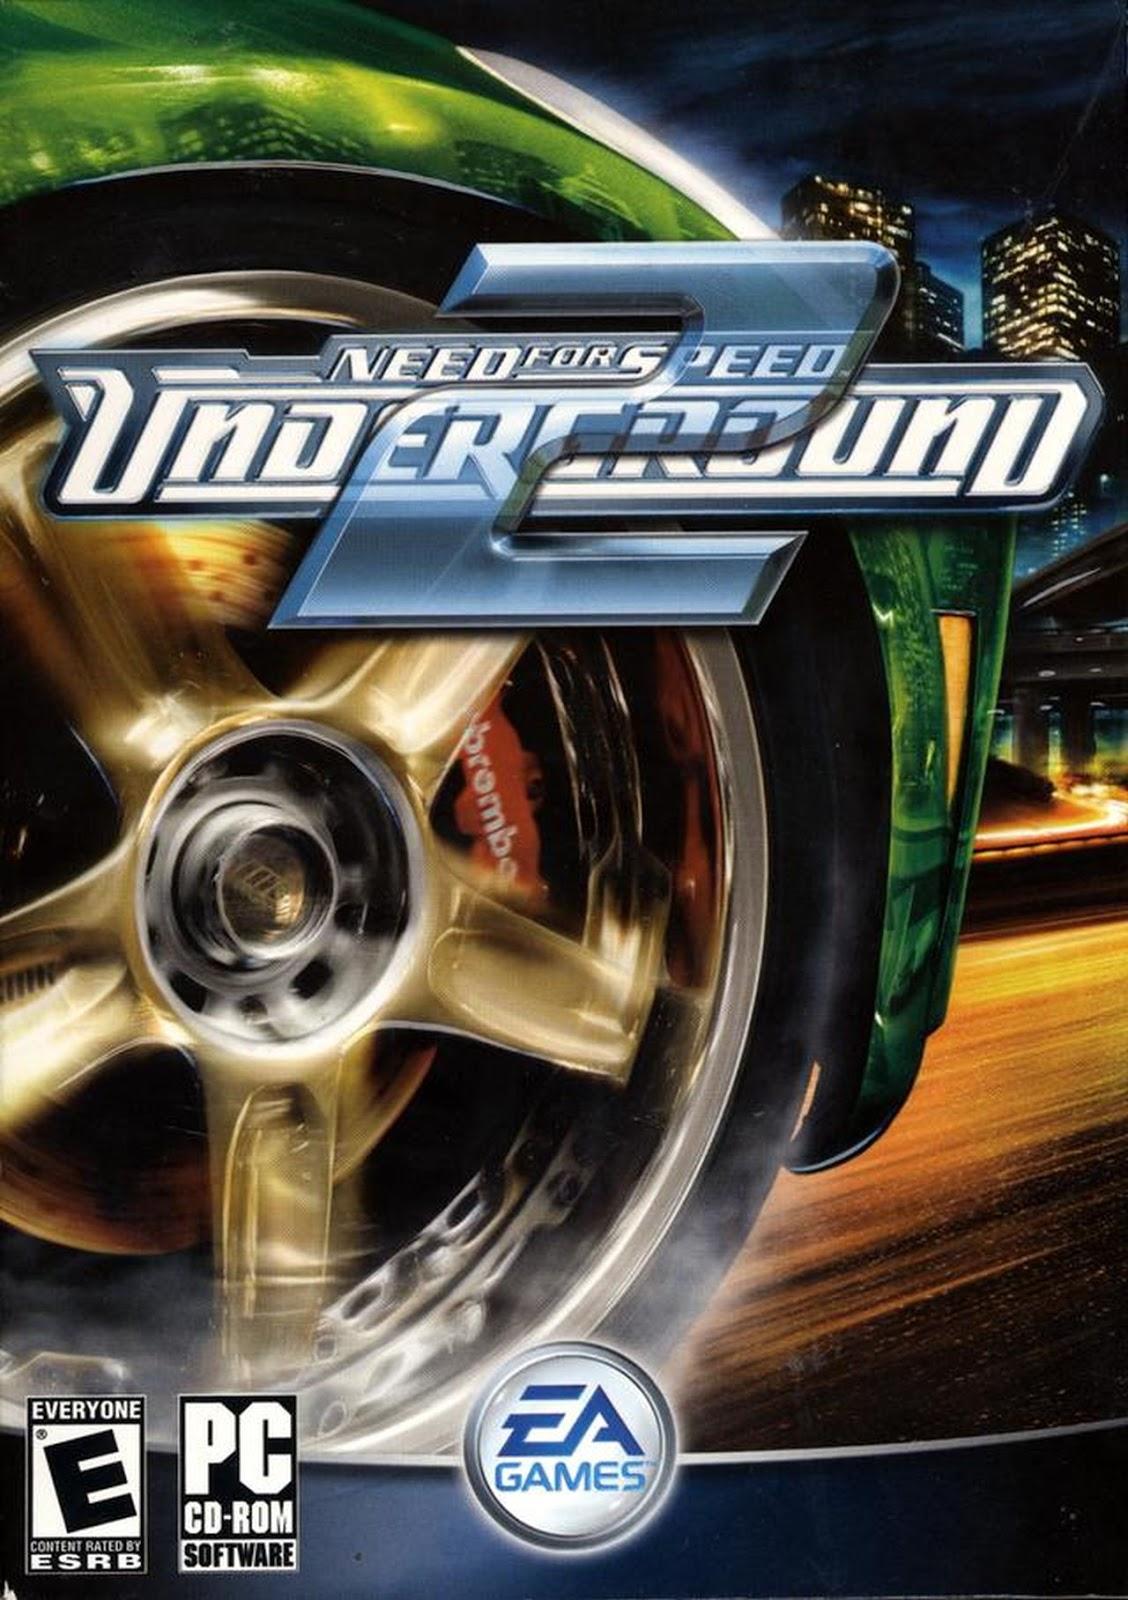 Nfs underground 2 download free